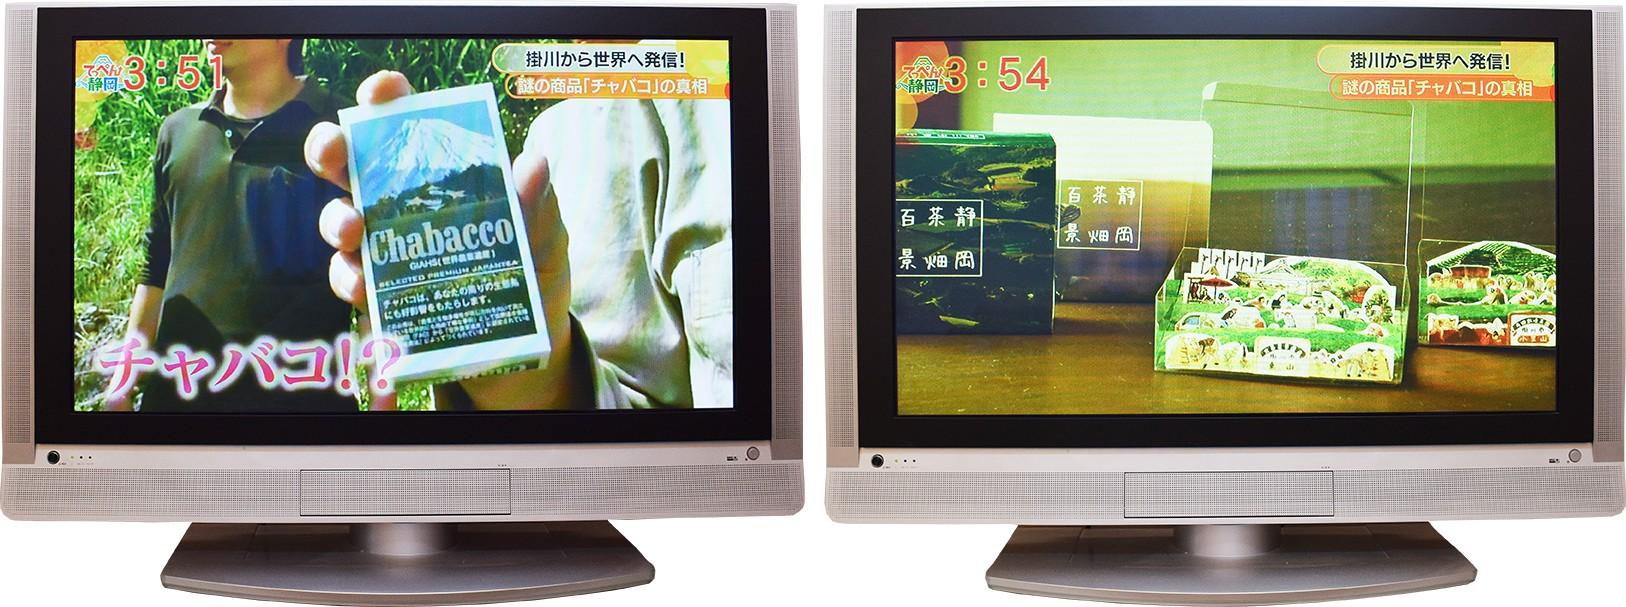 「静岡茶畑百景」がテレビで紹介されました。